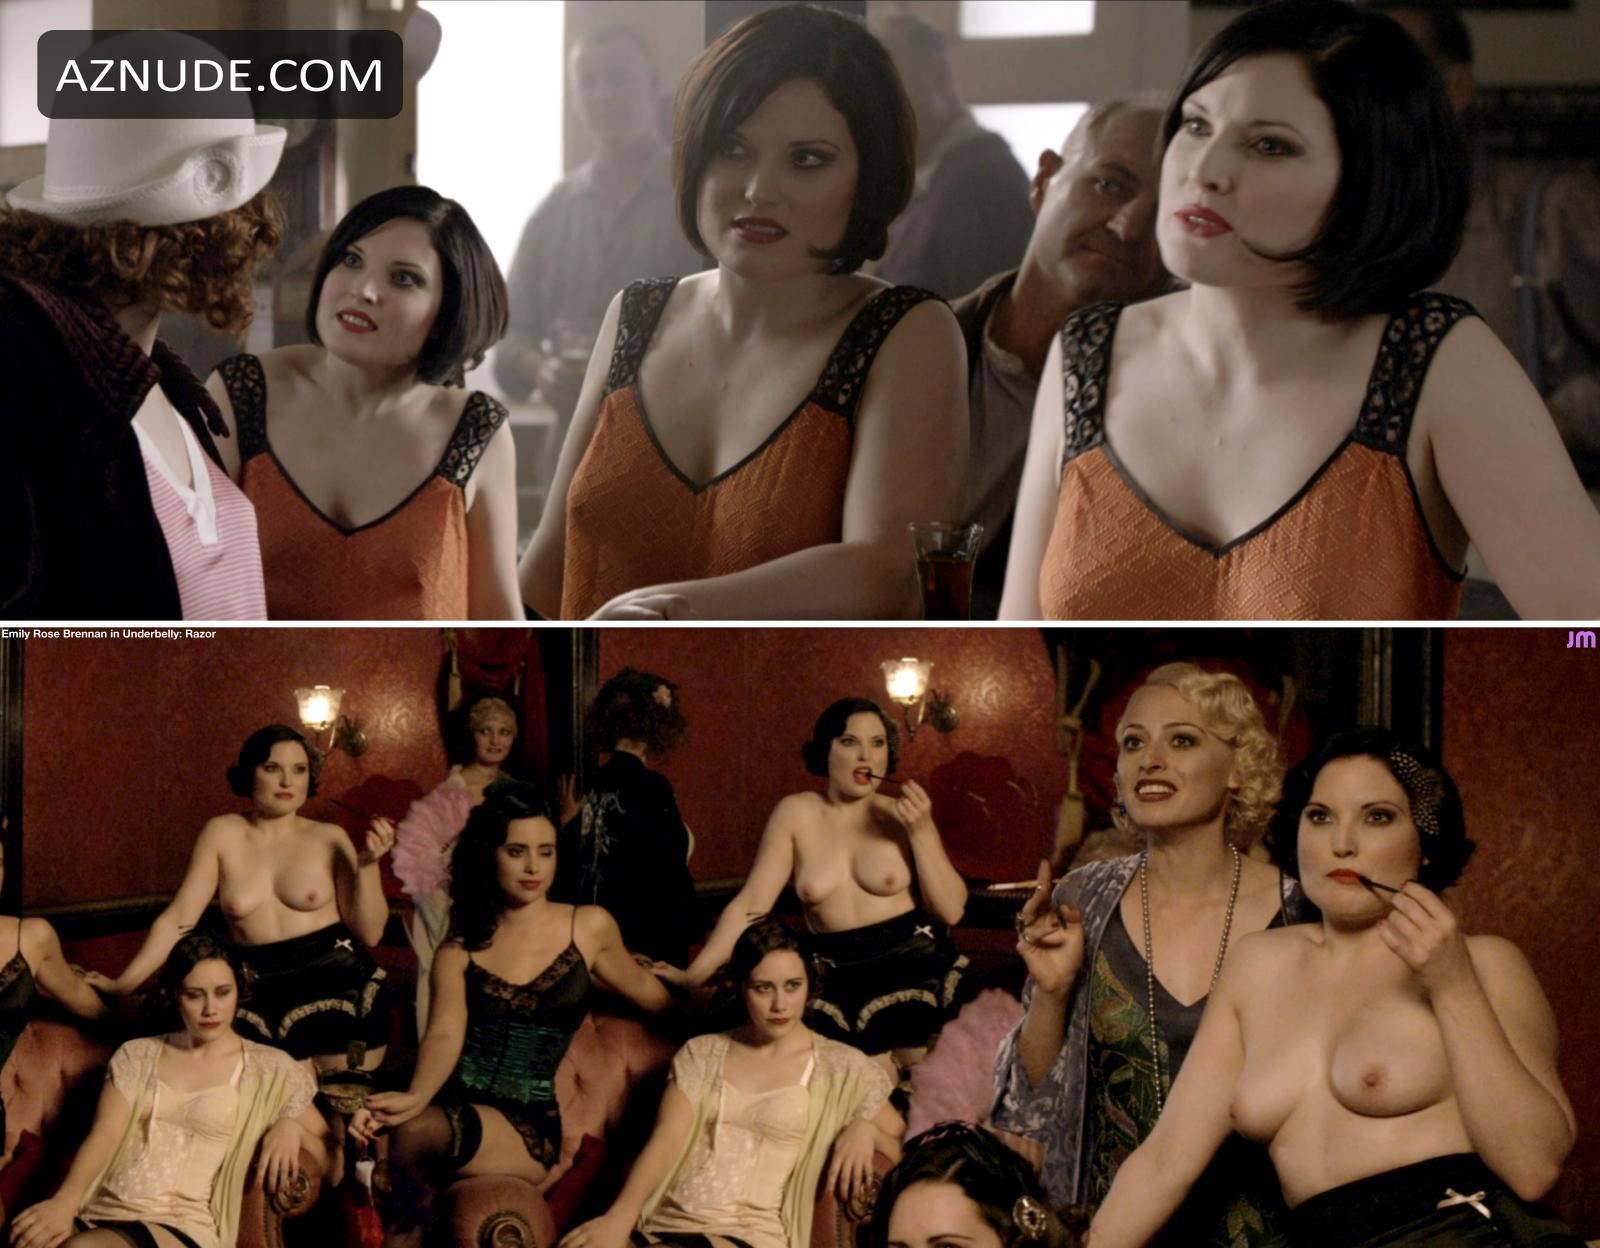 Naked lesbian sex pics-2492